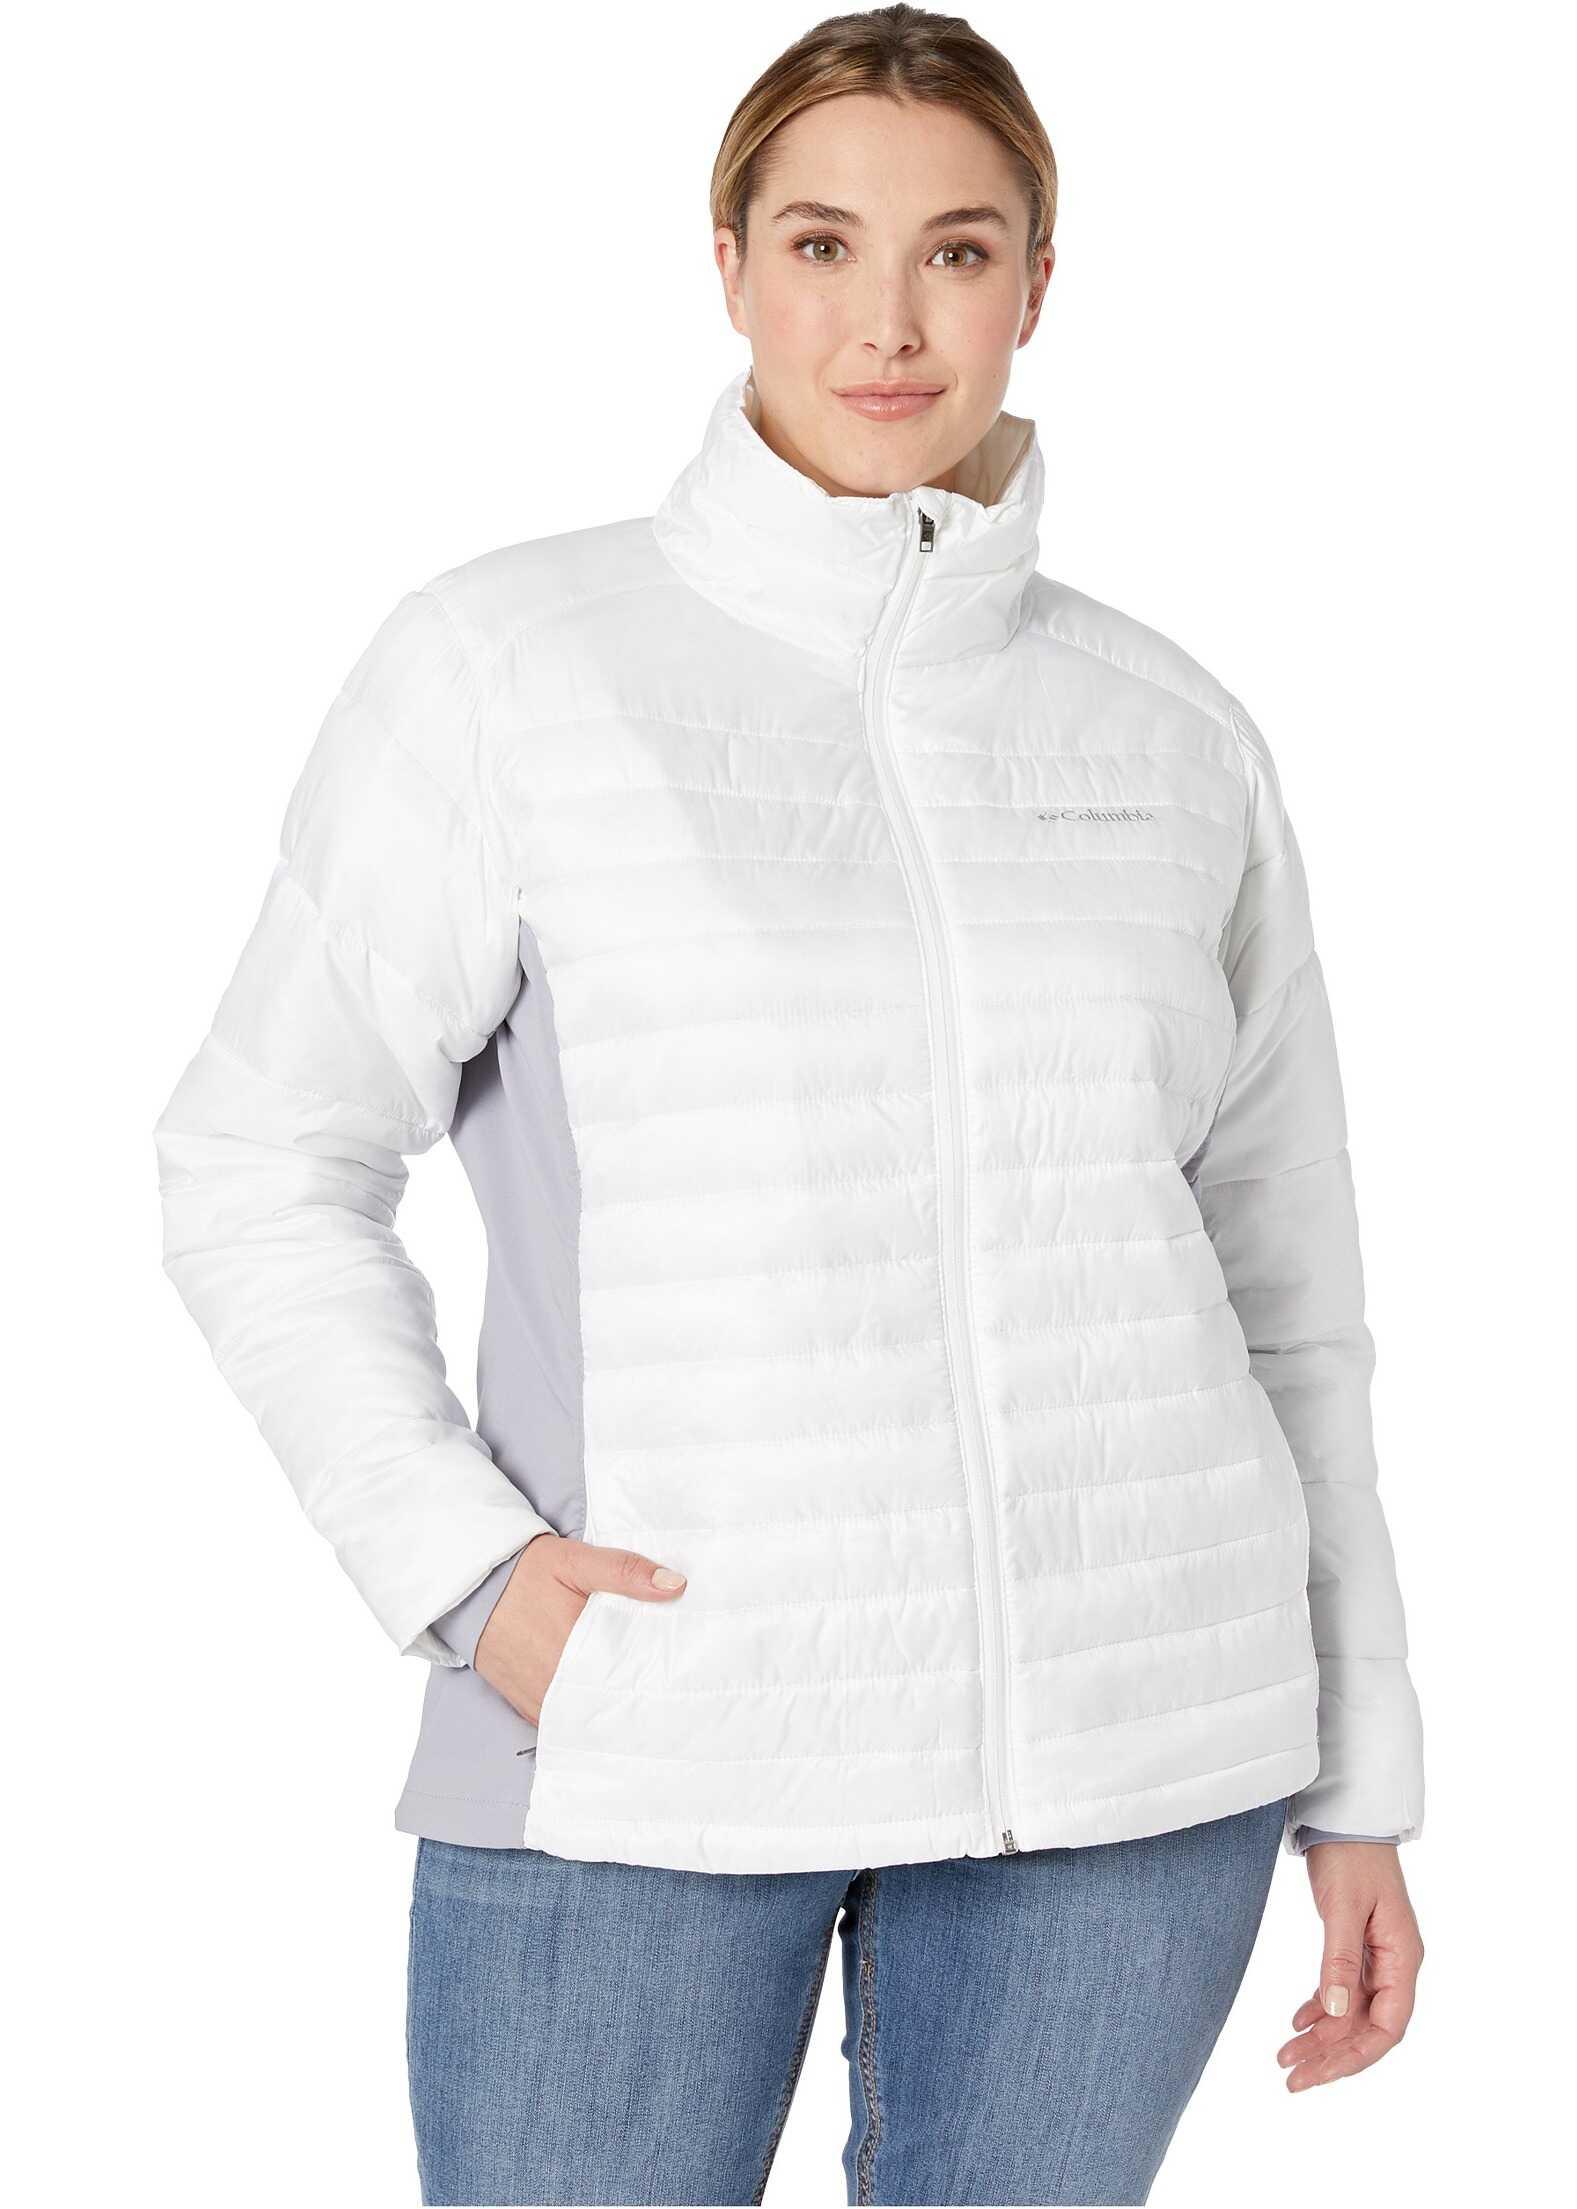 Columbia Plus Size Powder Pillow Hybrid Jacket White/Astral